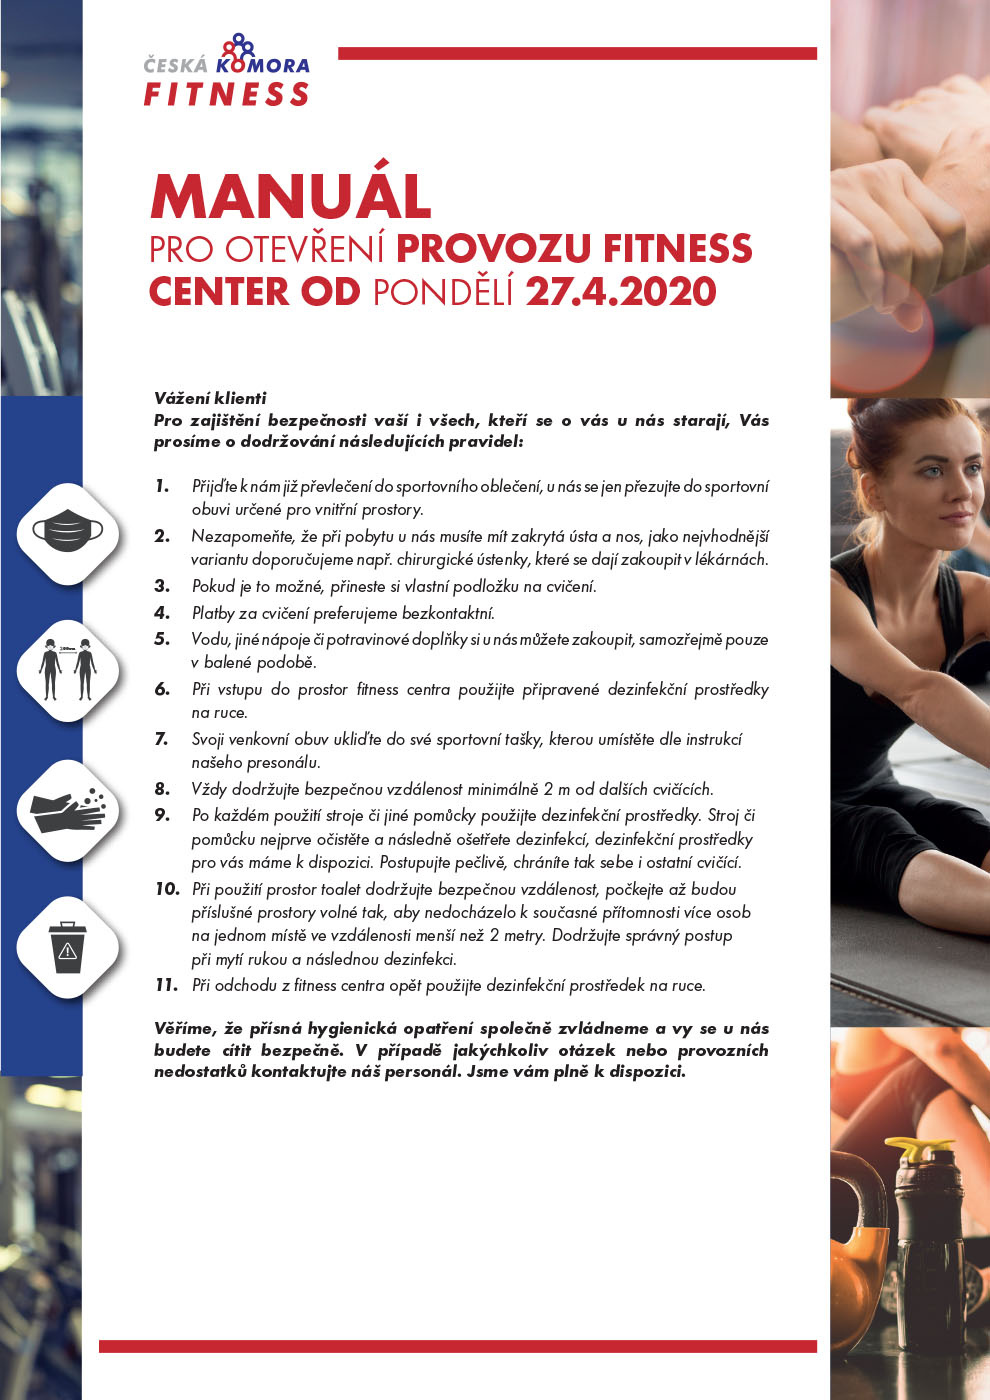 manual_otevreni-provozu-fitness-3